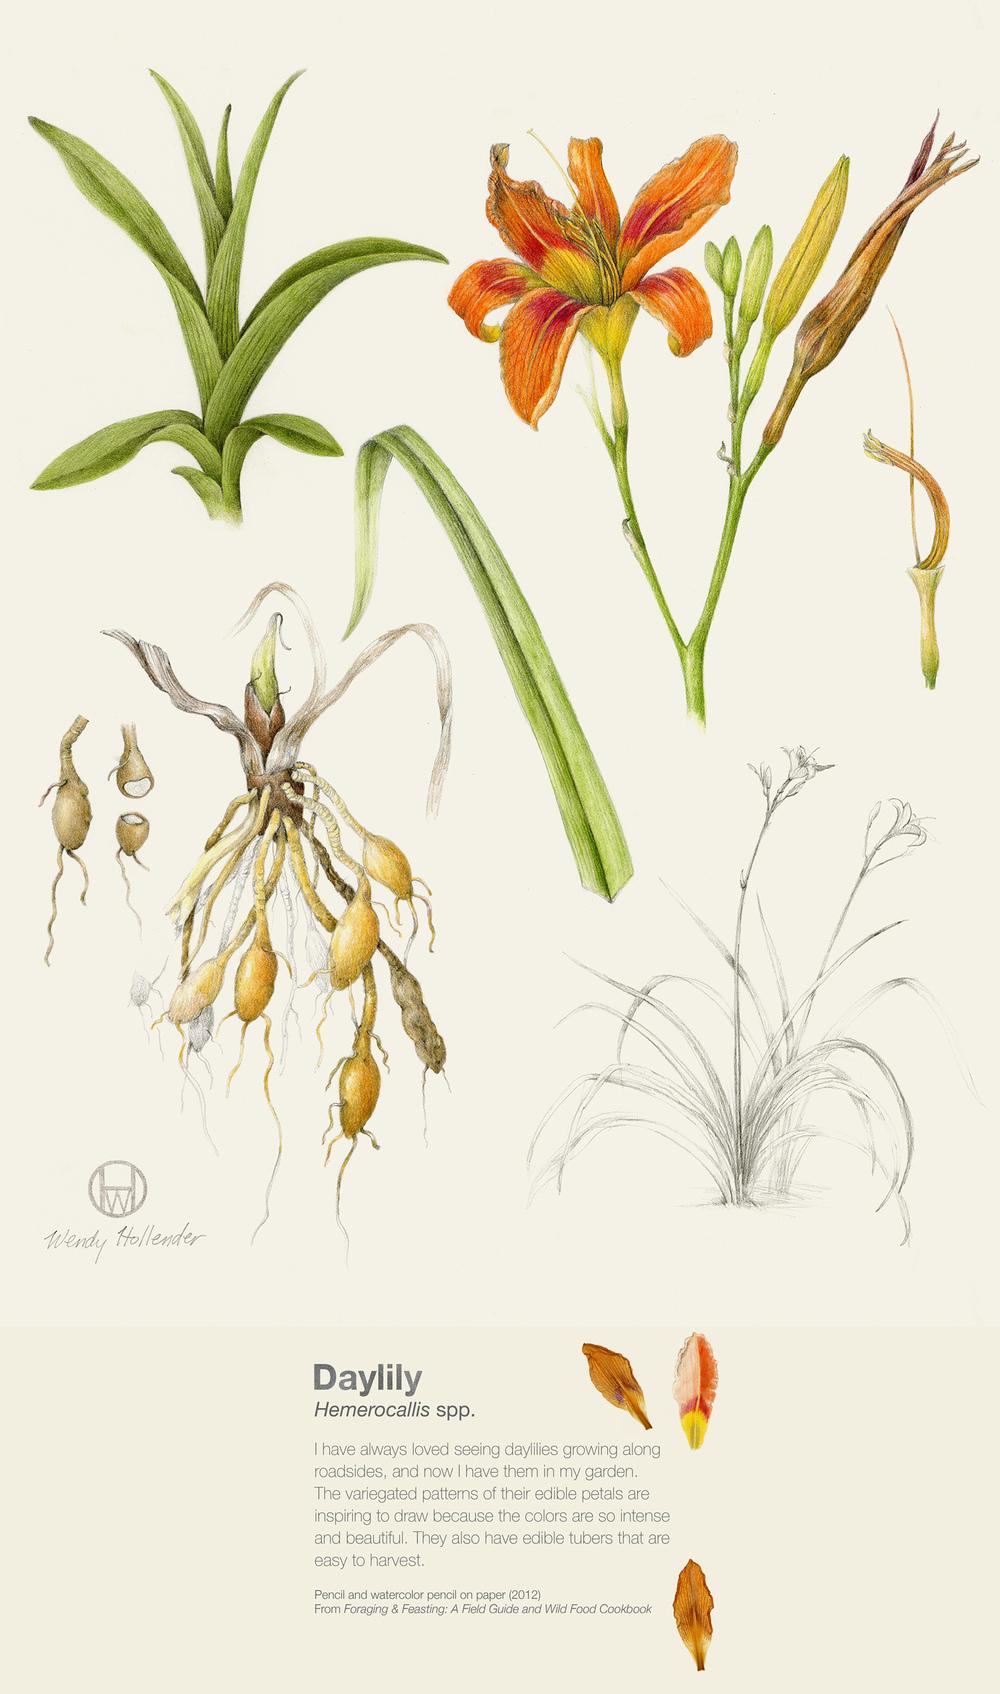 Daylily - Hemerocallis spp.